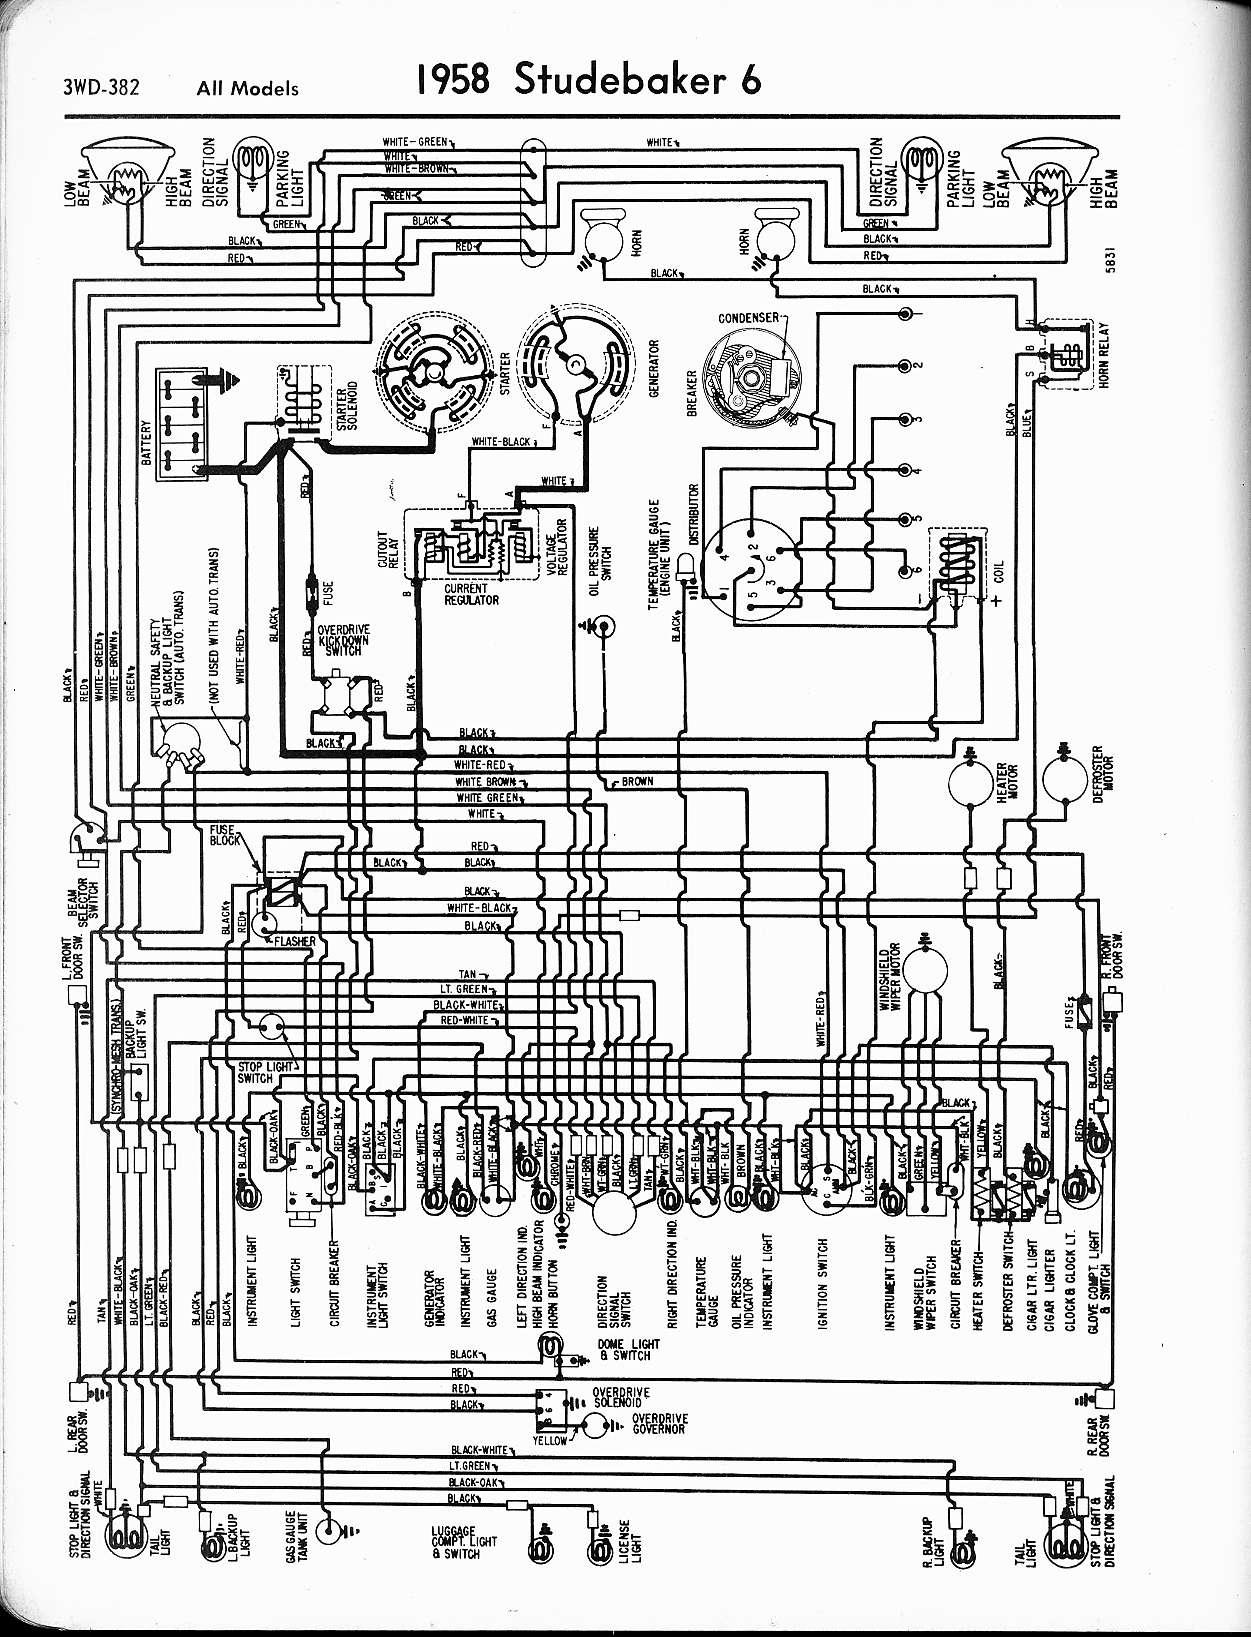 wiring diagram for 1960 studebaker v8